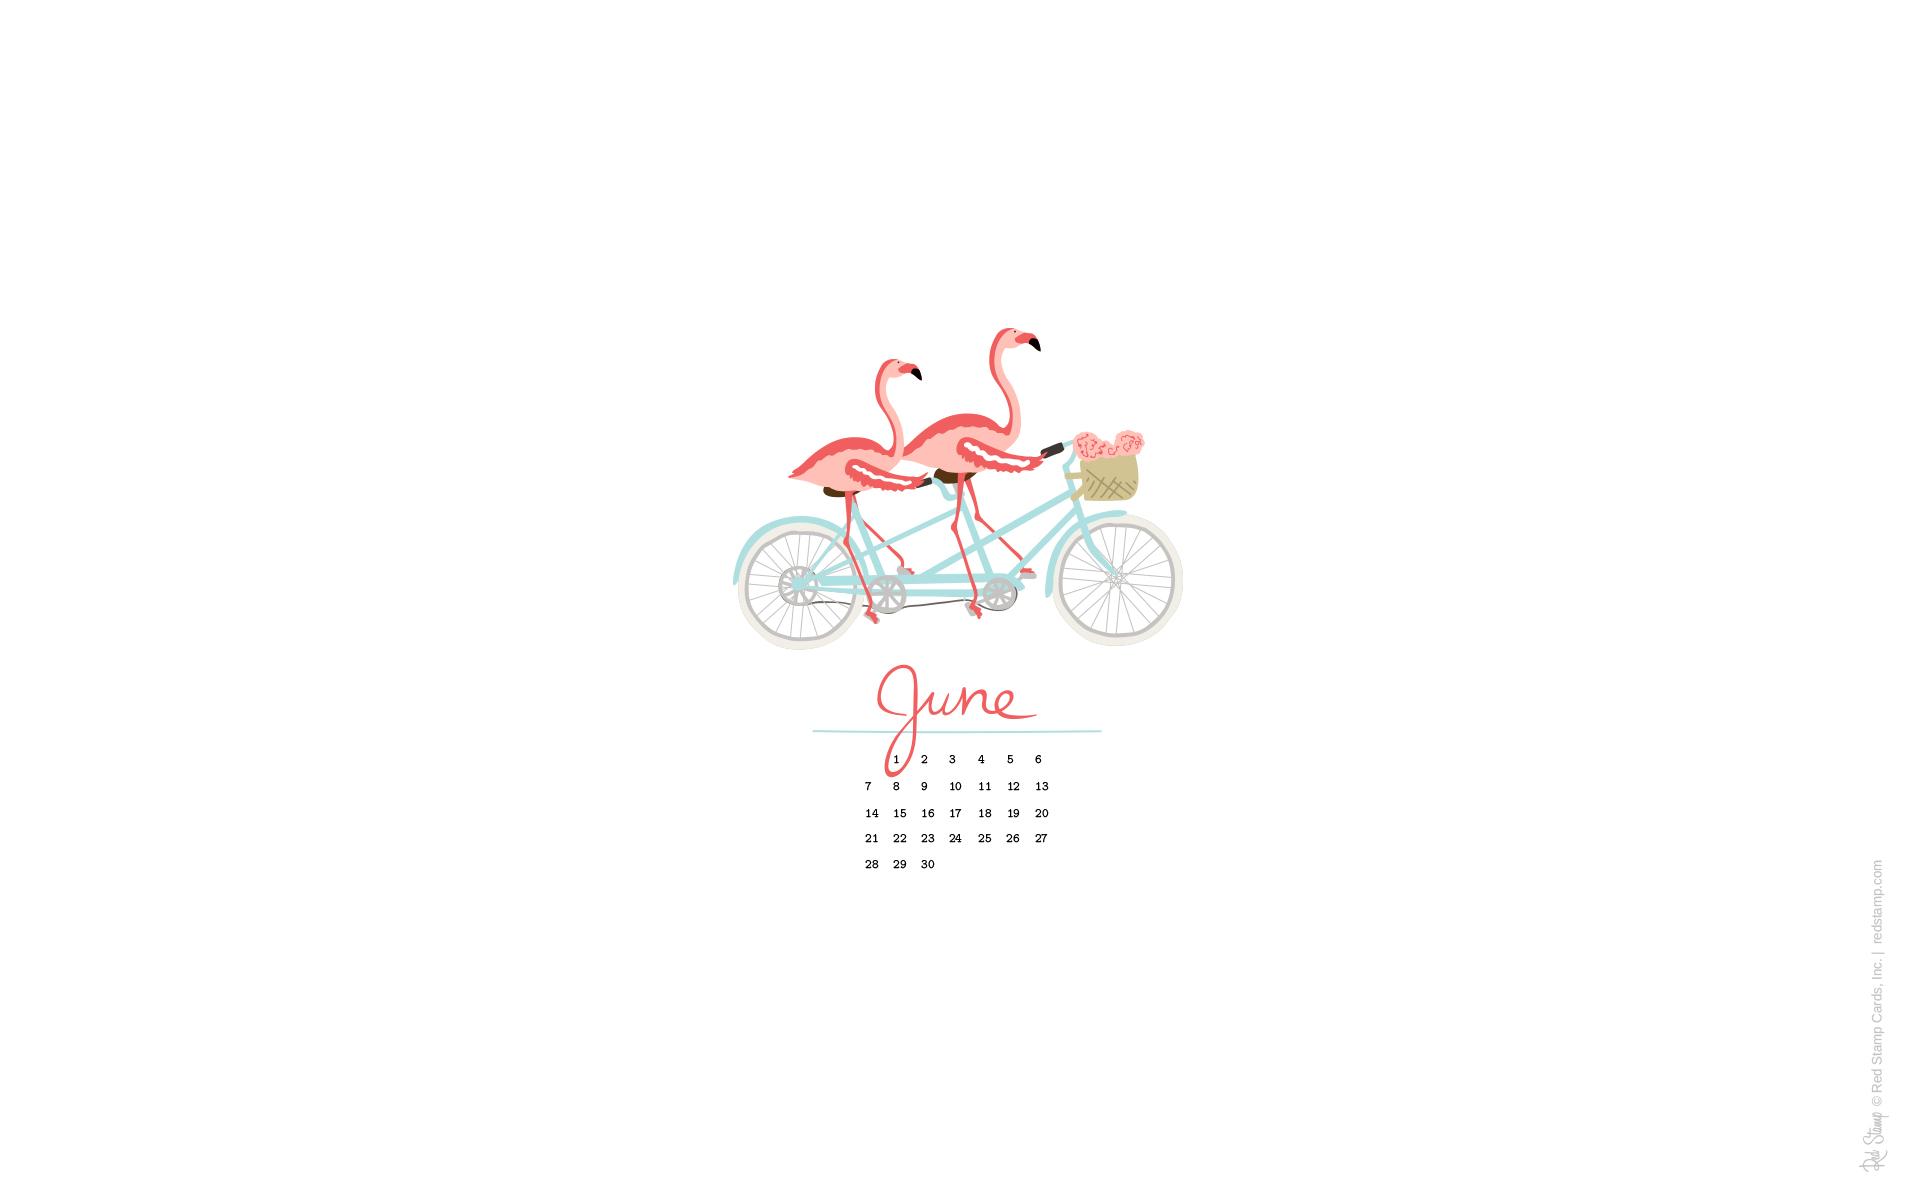 Free Desktop Wallpaper Sammlung Juni 2015 | Pinkepank